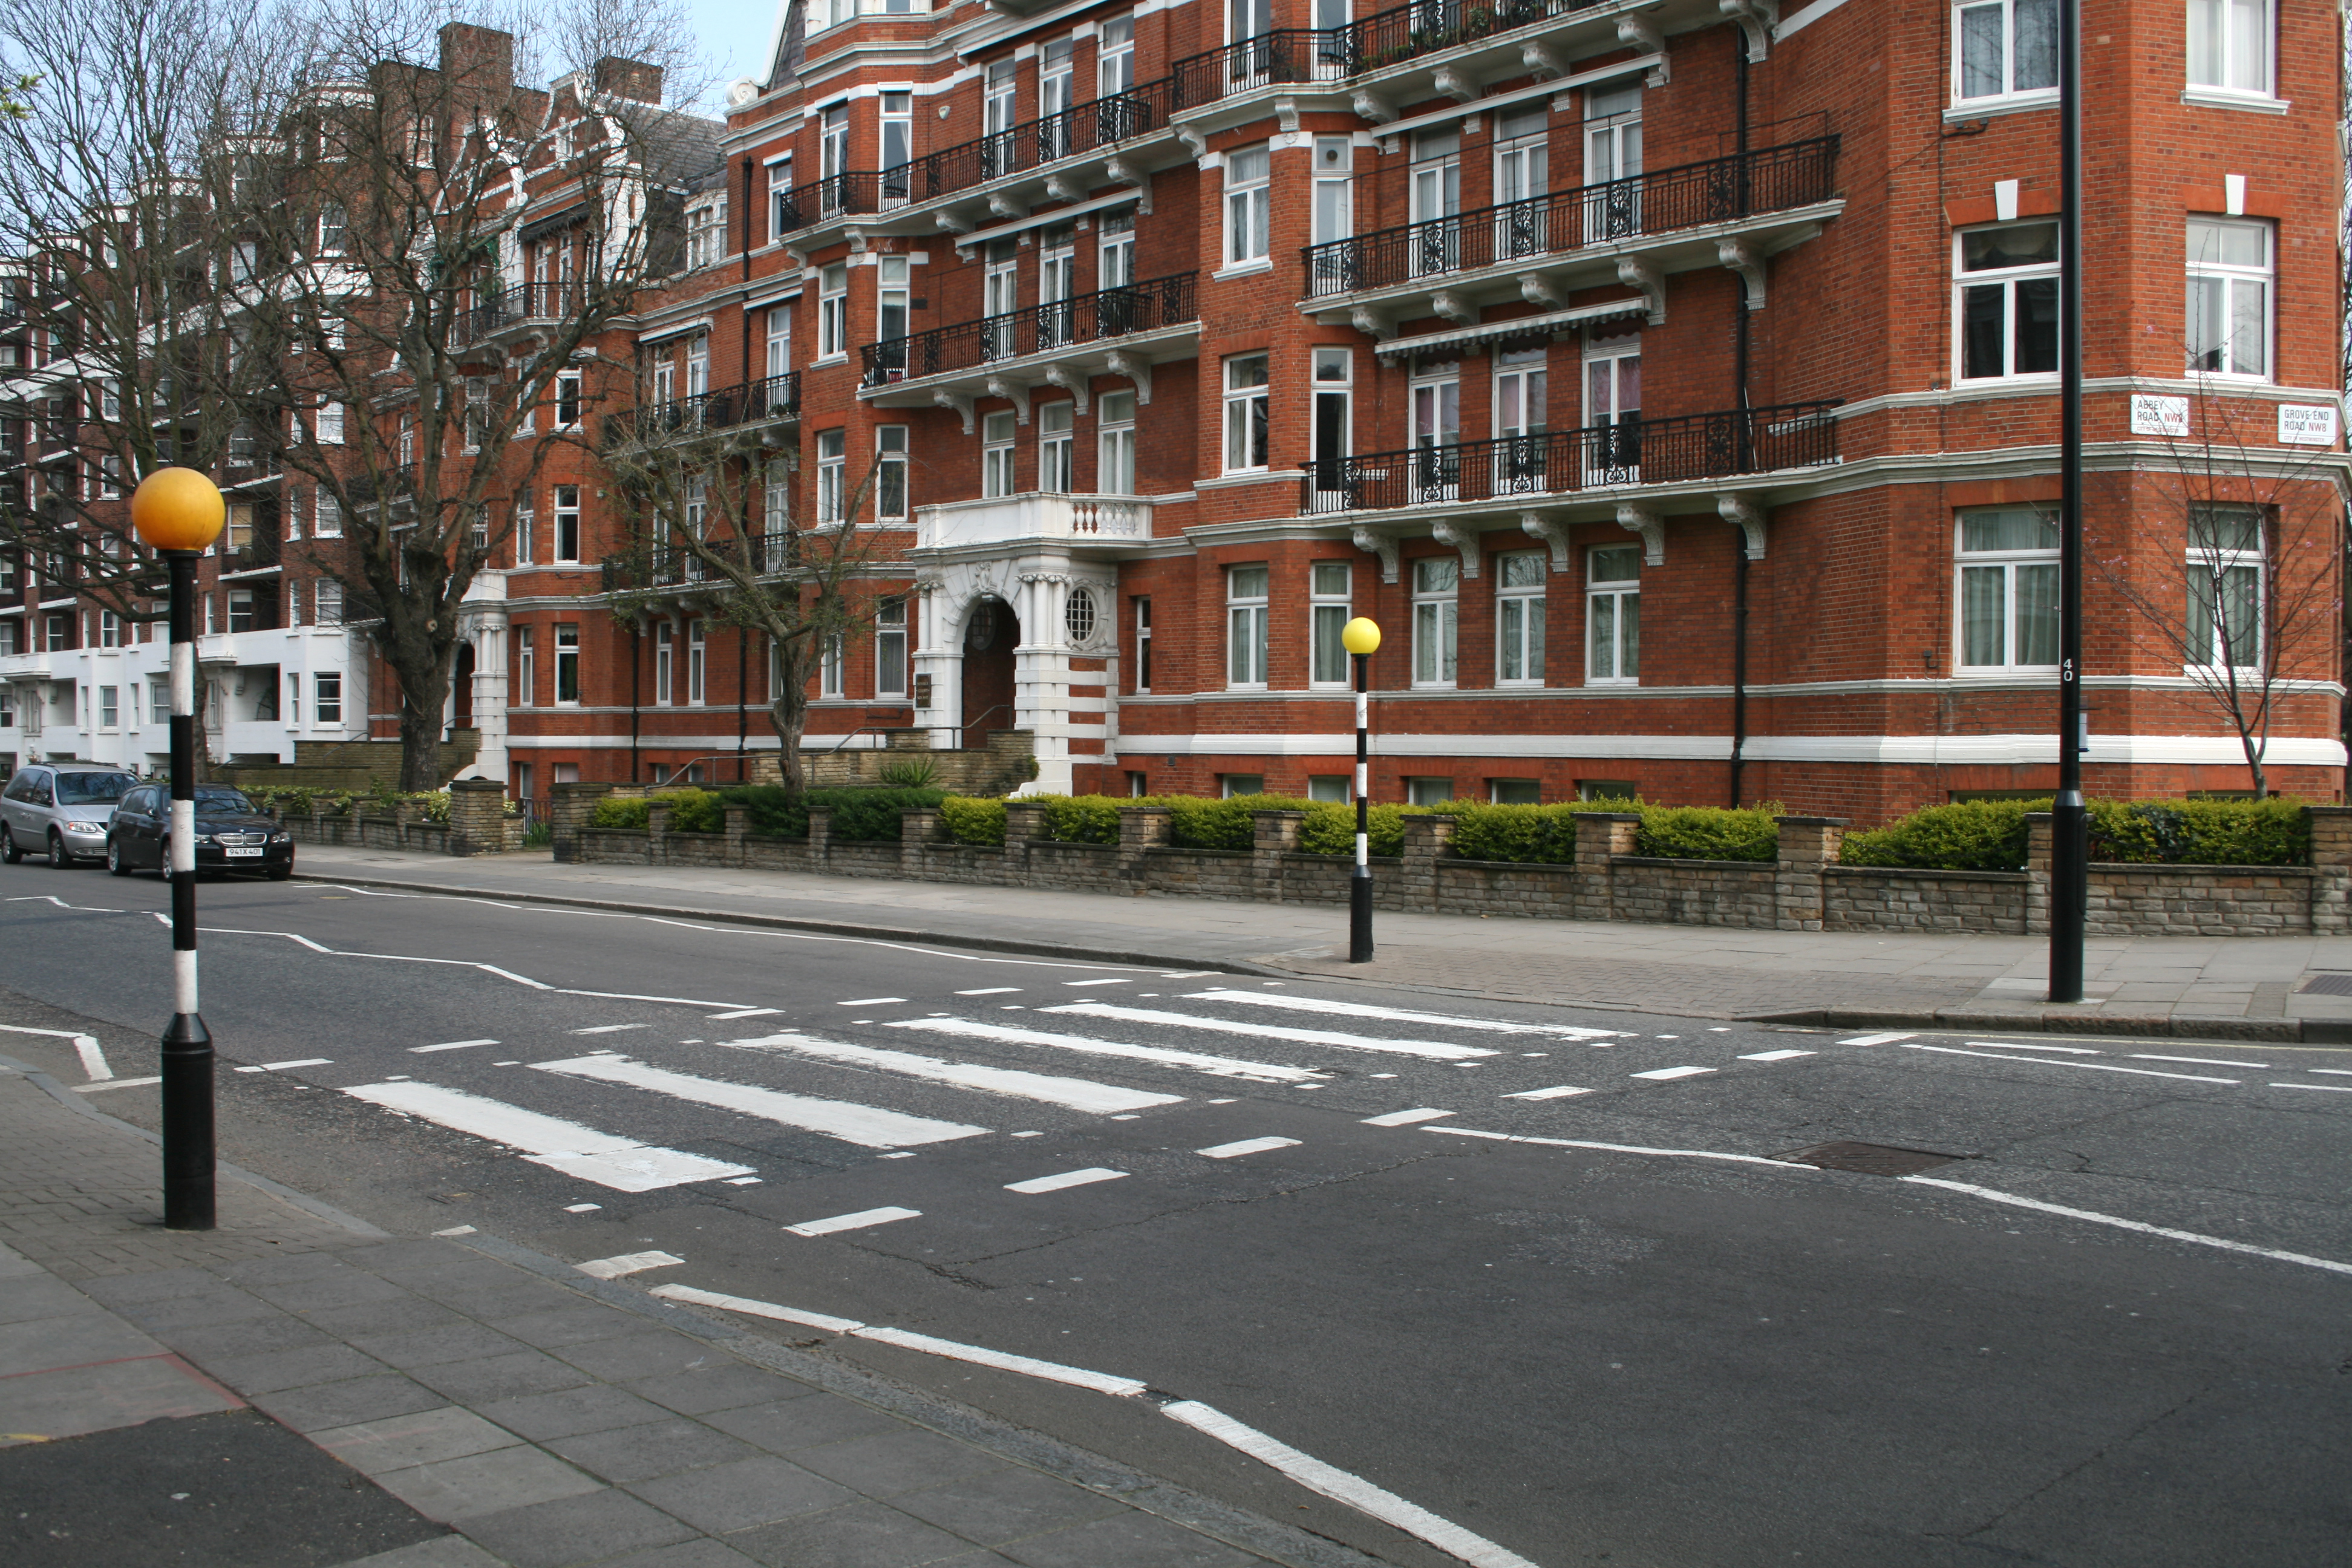 File:Abbey Road Zebra.jpg